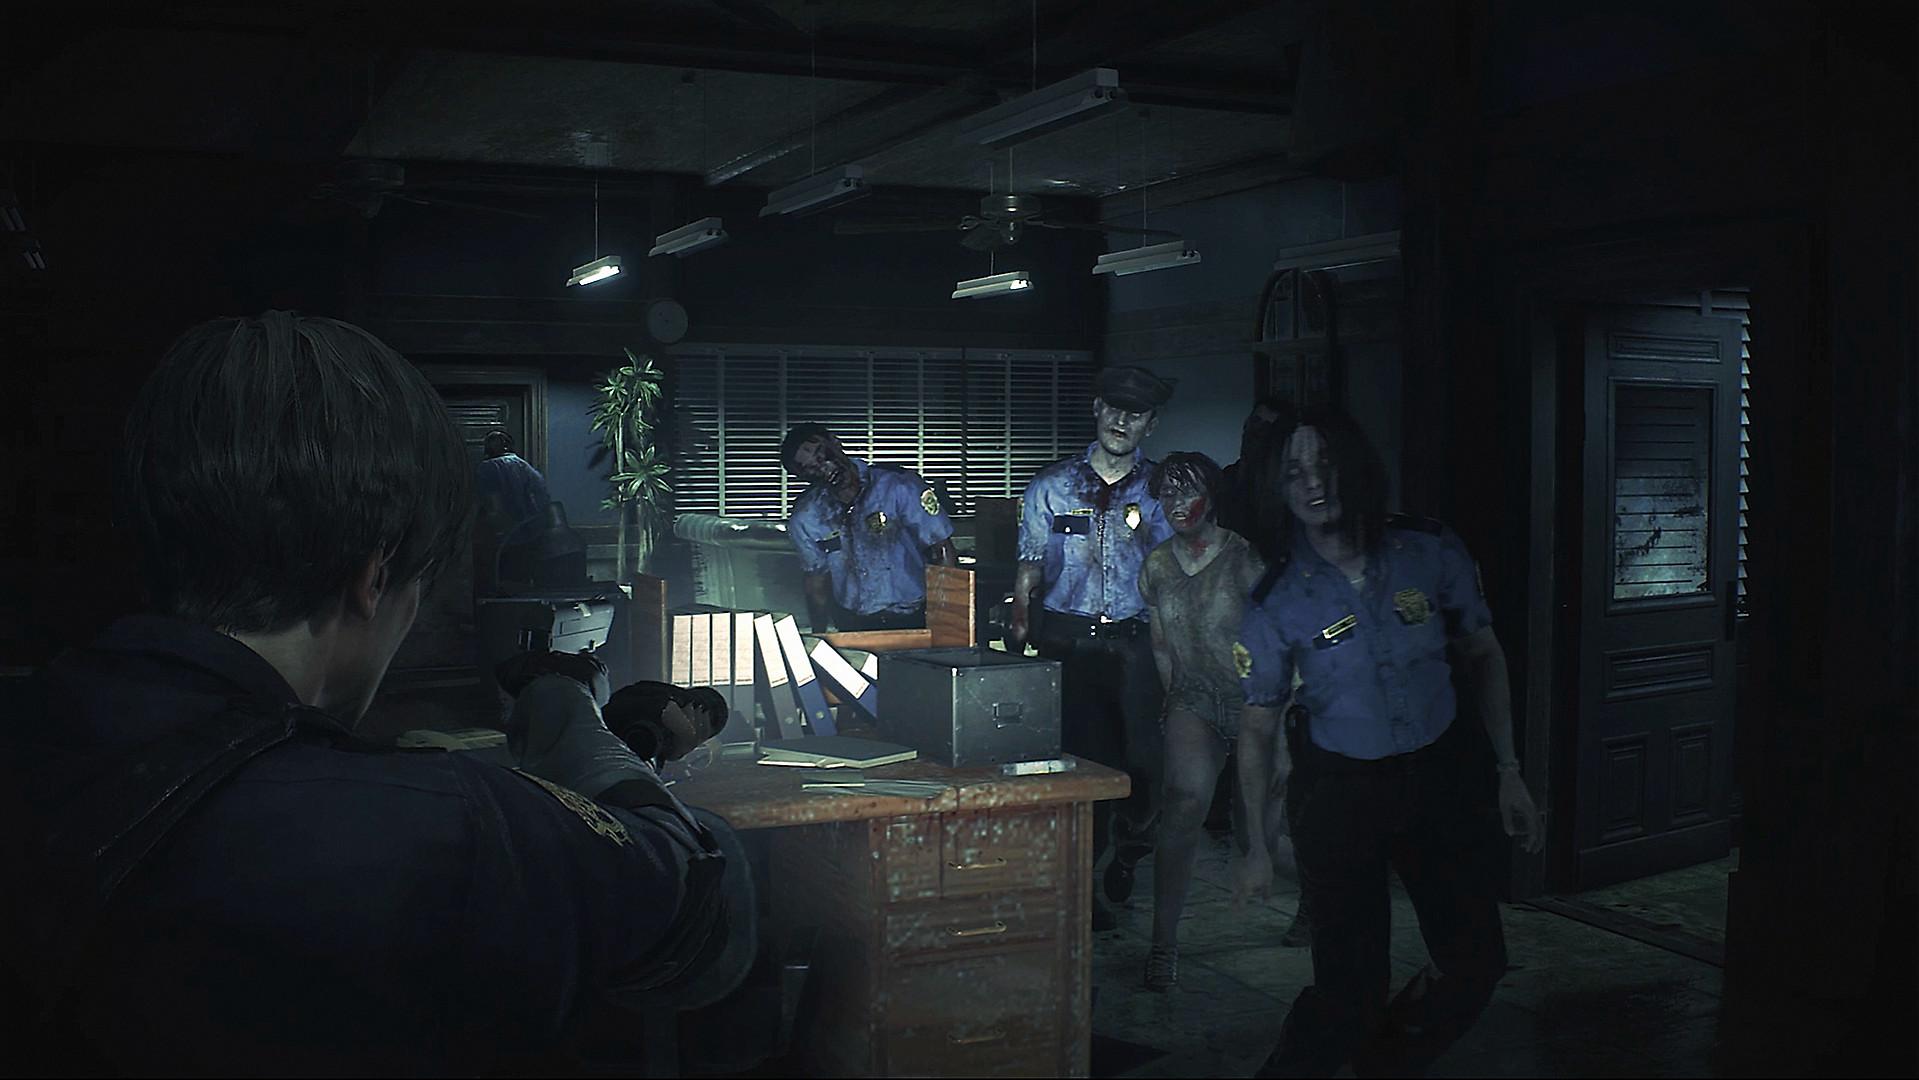 resident-evil-2-screen-11-ps4-us-12dec18